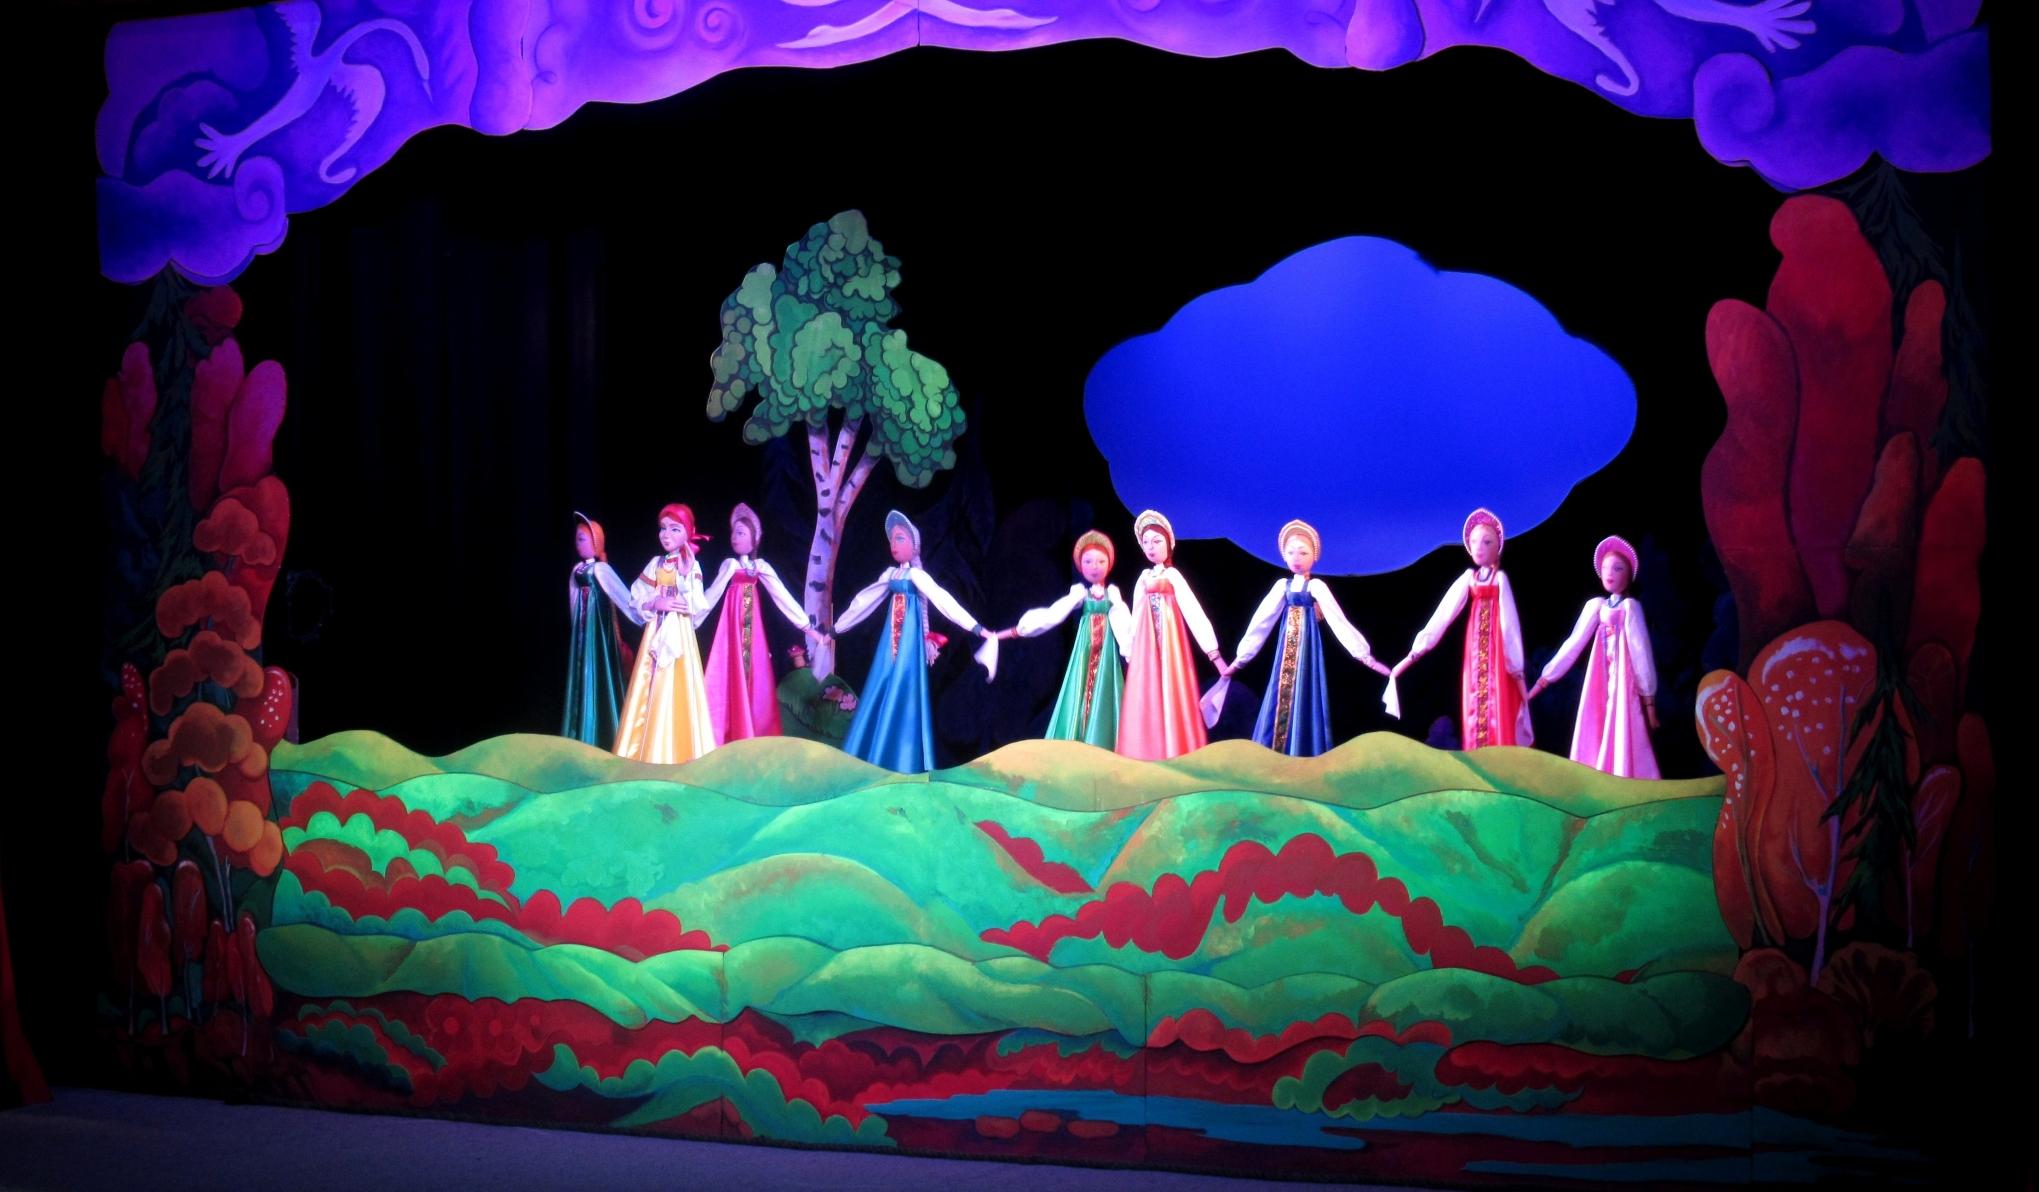 Фотография из спектакля Гуси-лебеди